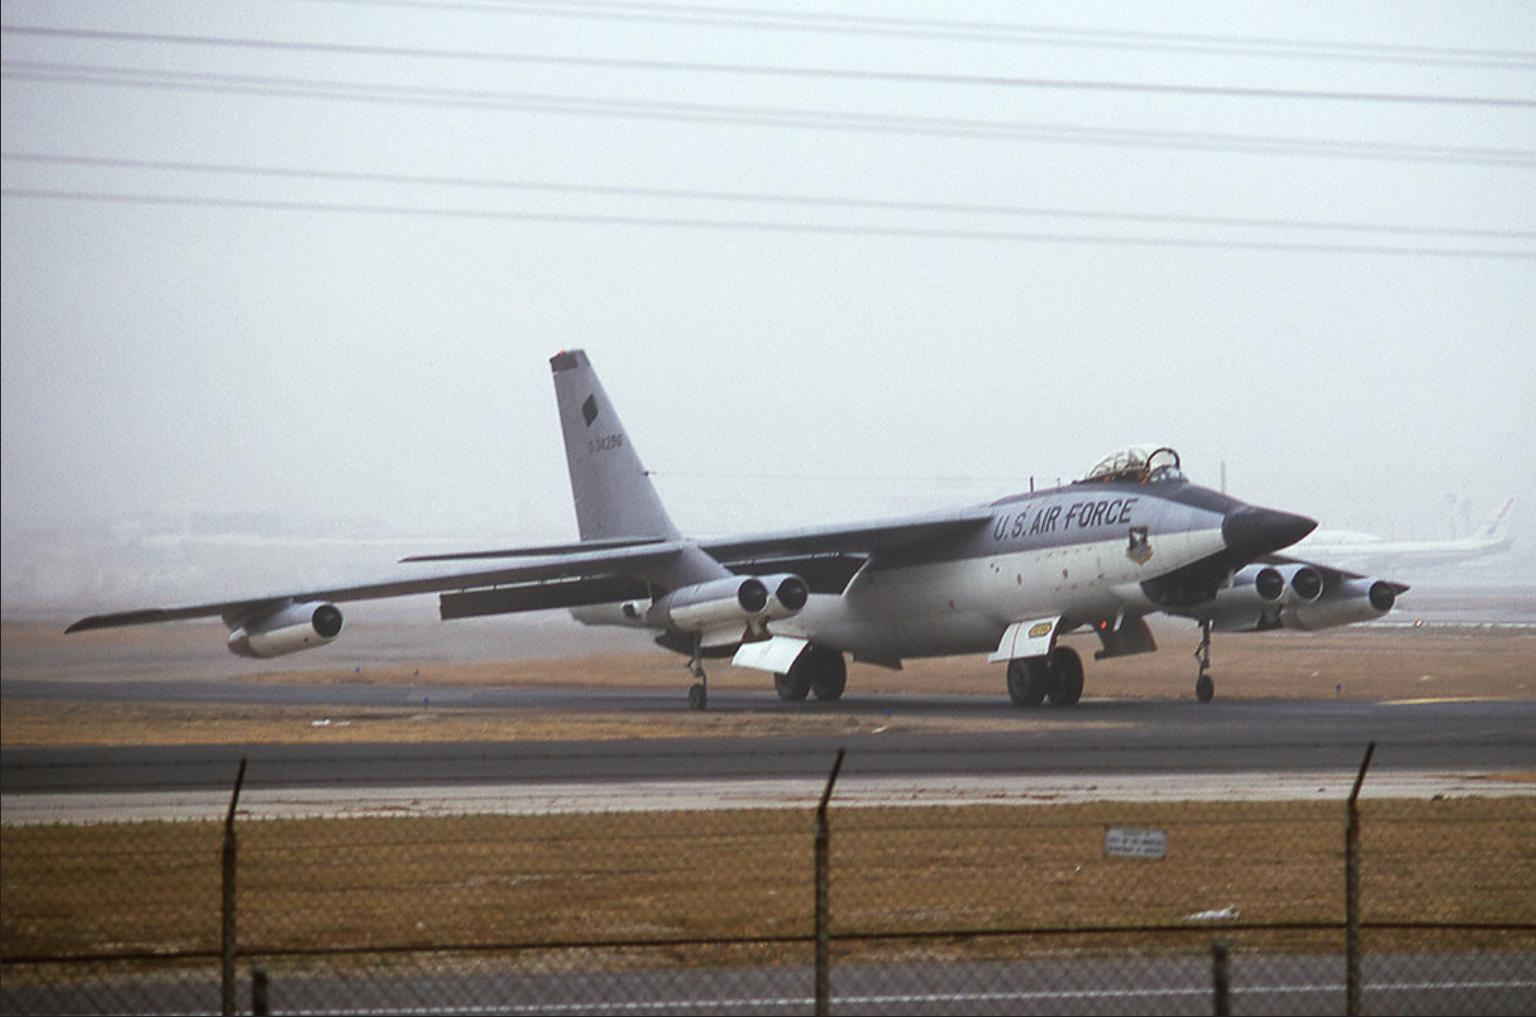 f-111_nose_radar_test_last_usaf_b-47_to_serve.png